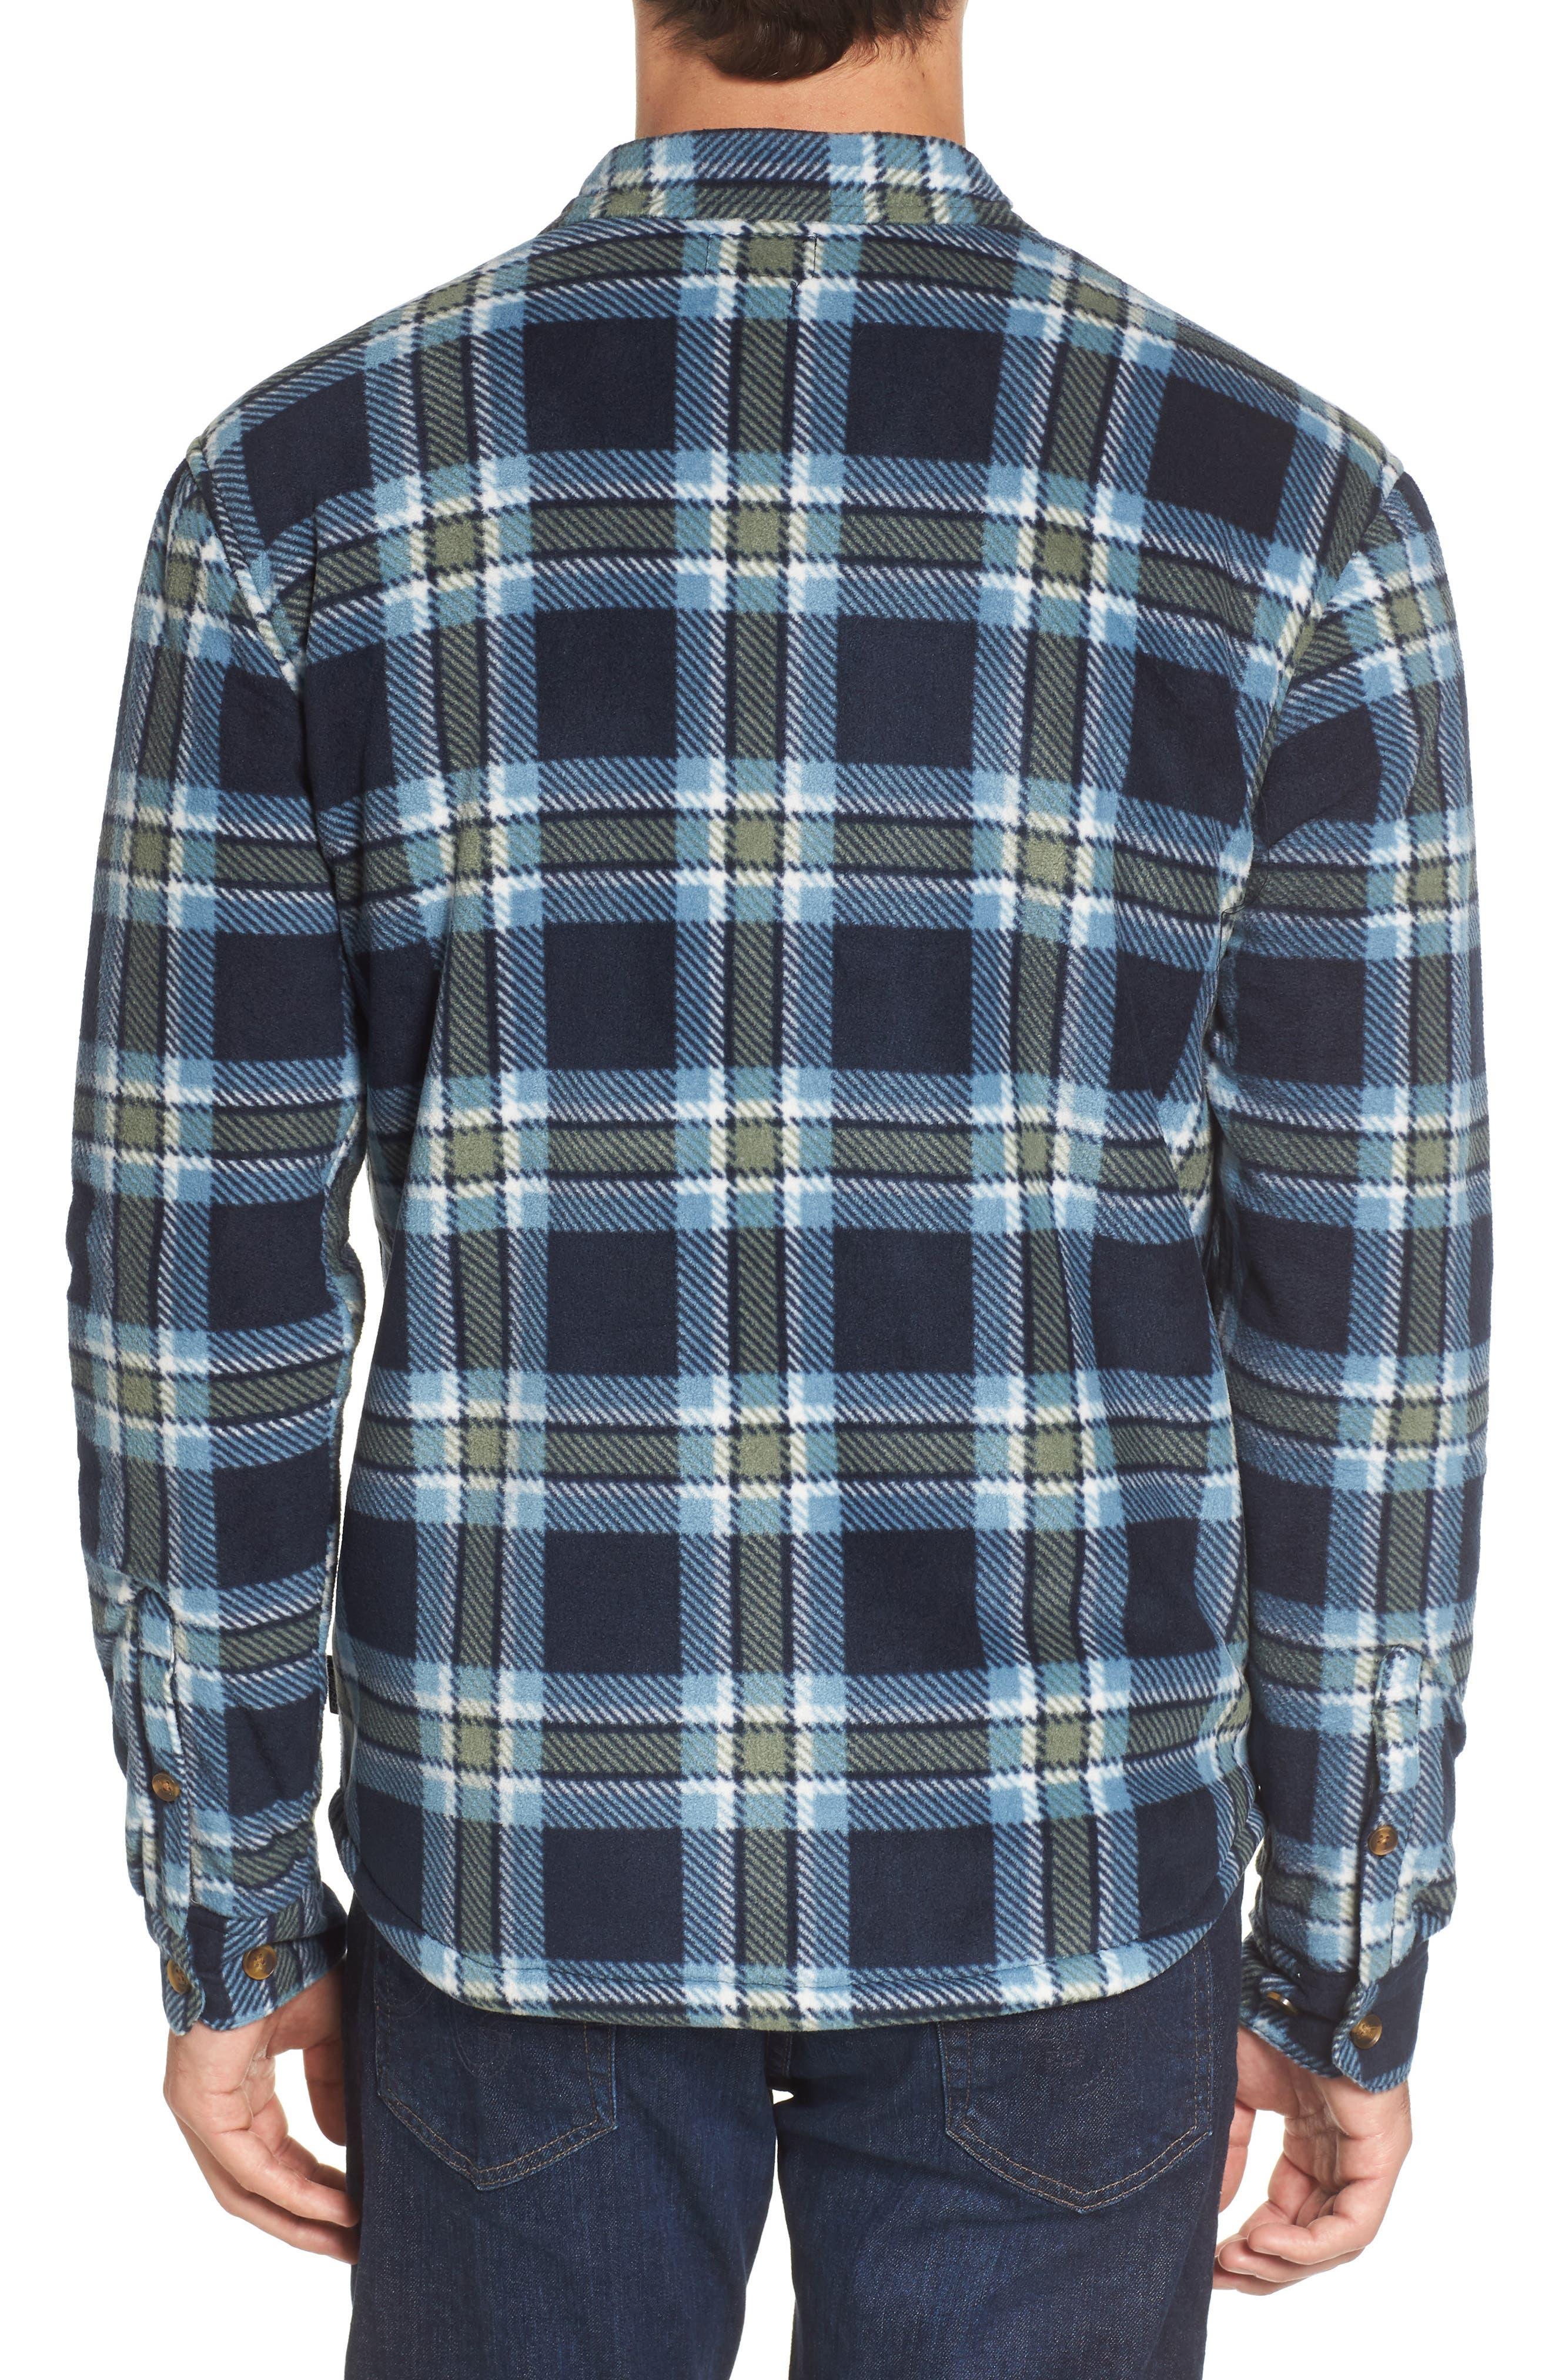 Glacier Heat Dome Plaid Fleece Shirt,                             Alternate thumbnail 4, color,